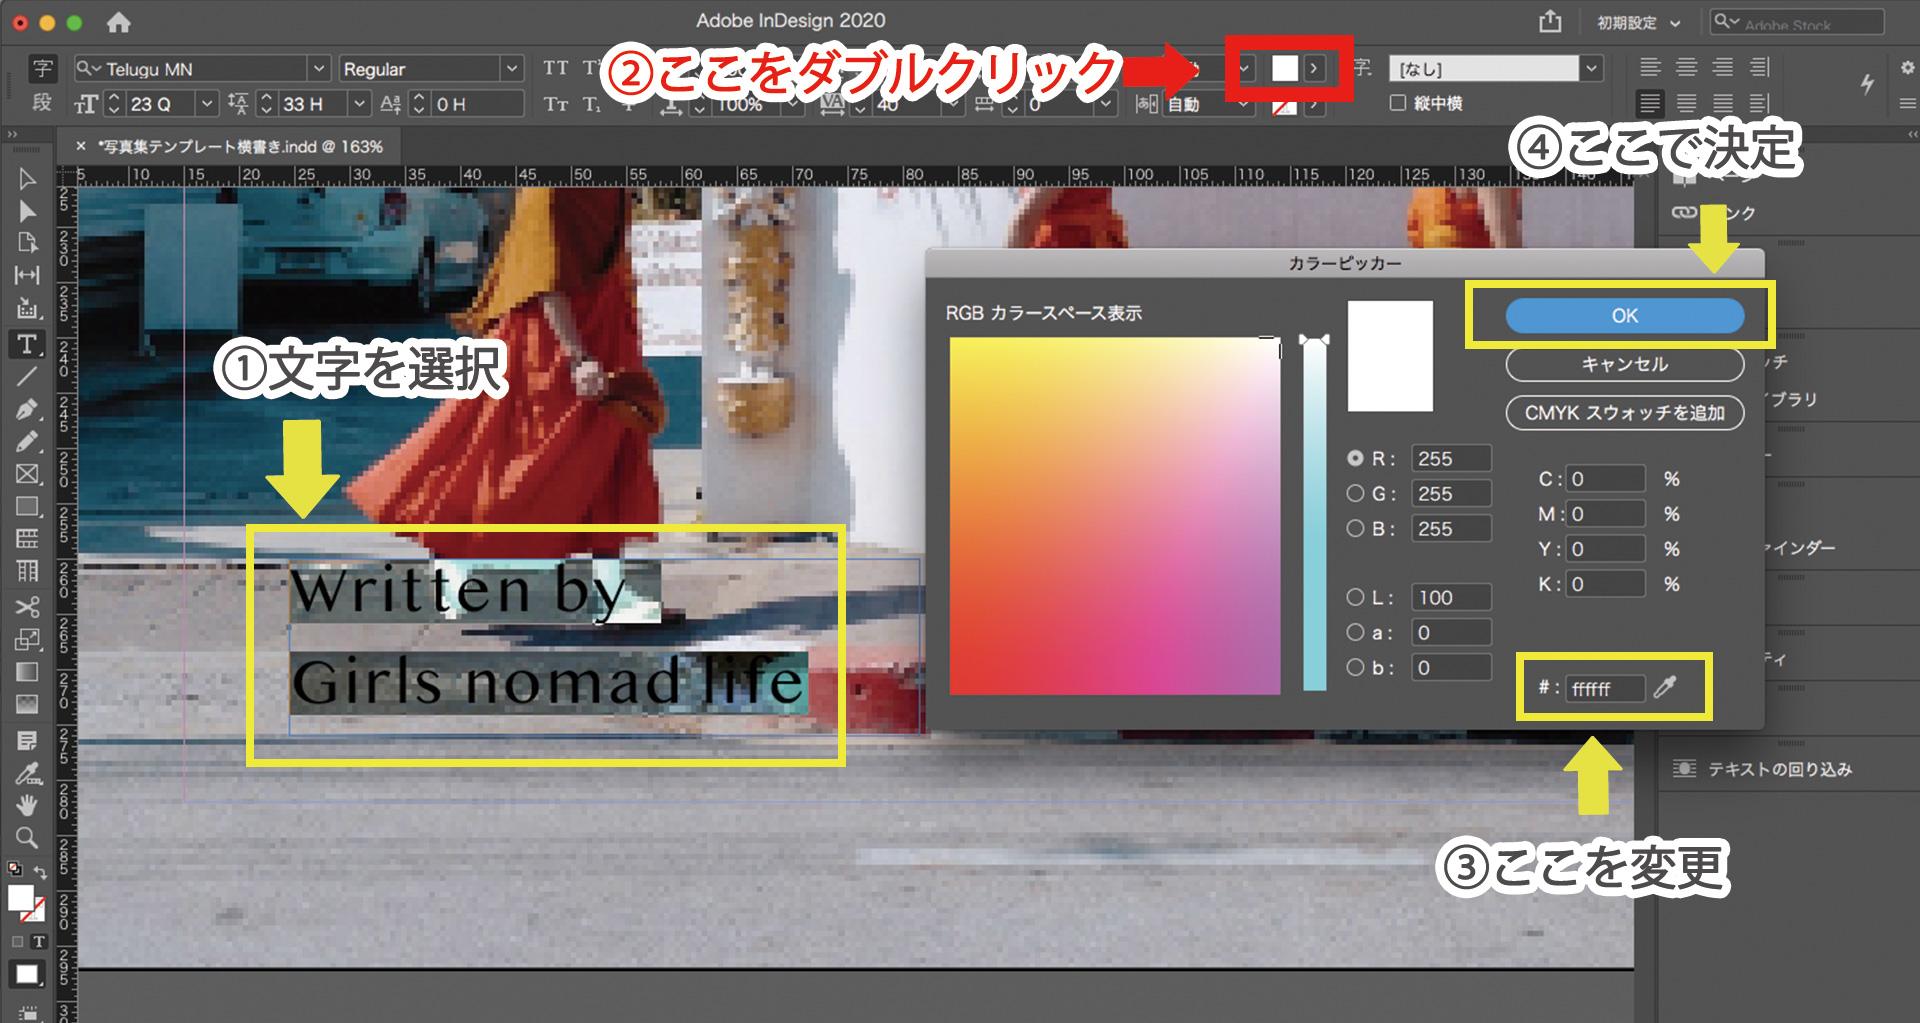 インデザインで文字の色を変更する